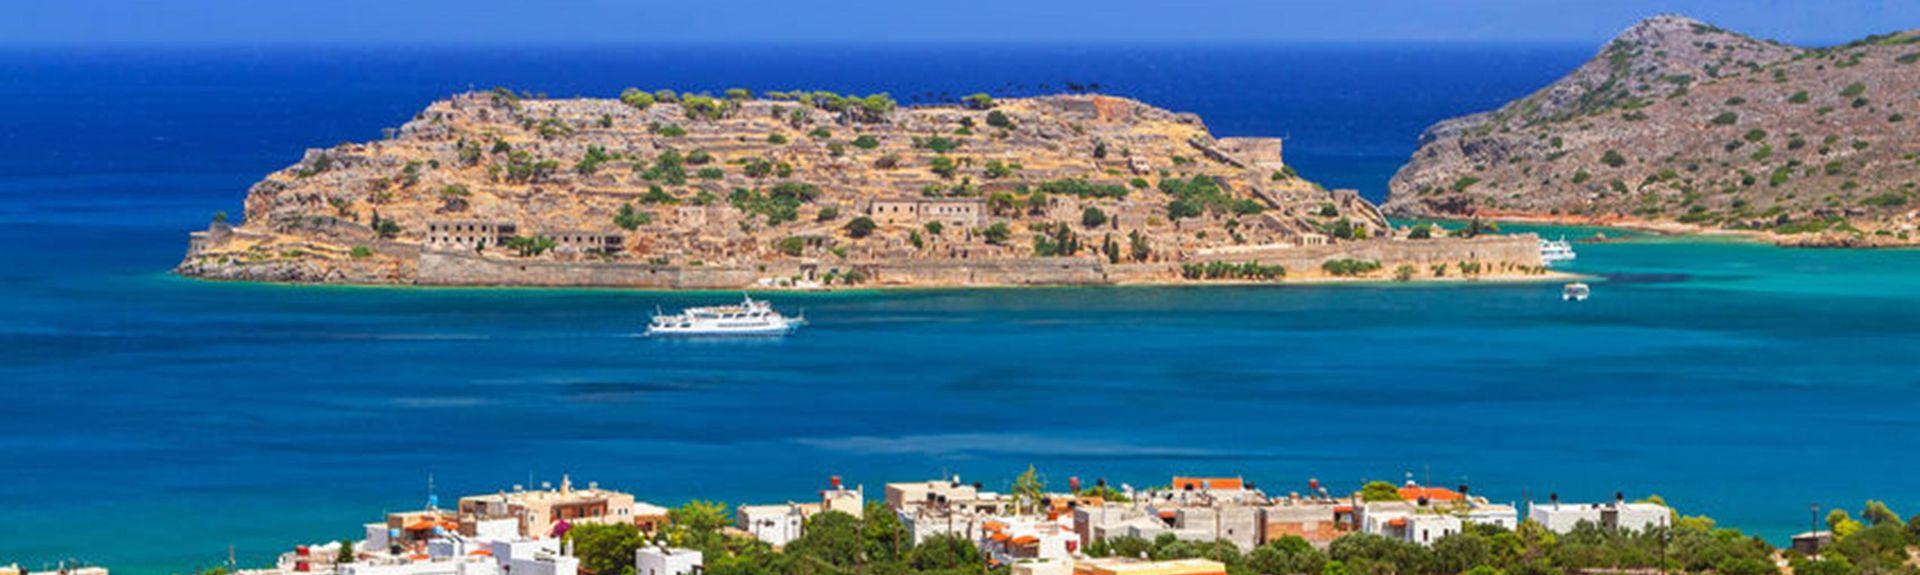 Rousa Limni, Agios Nikolaos, Crete, Greece